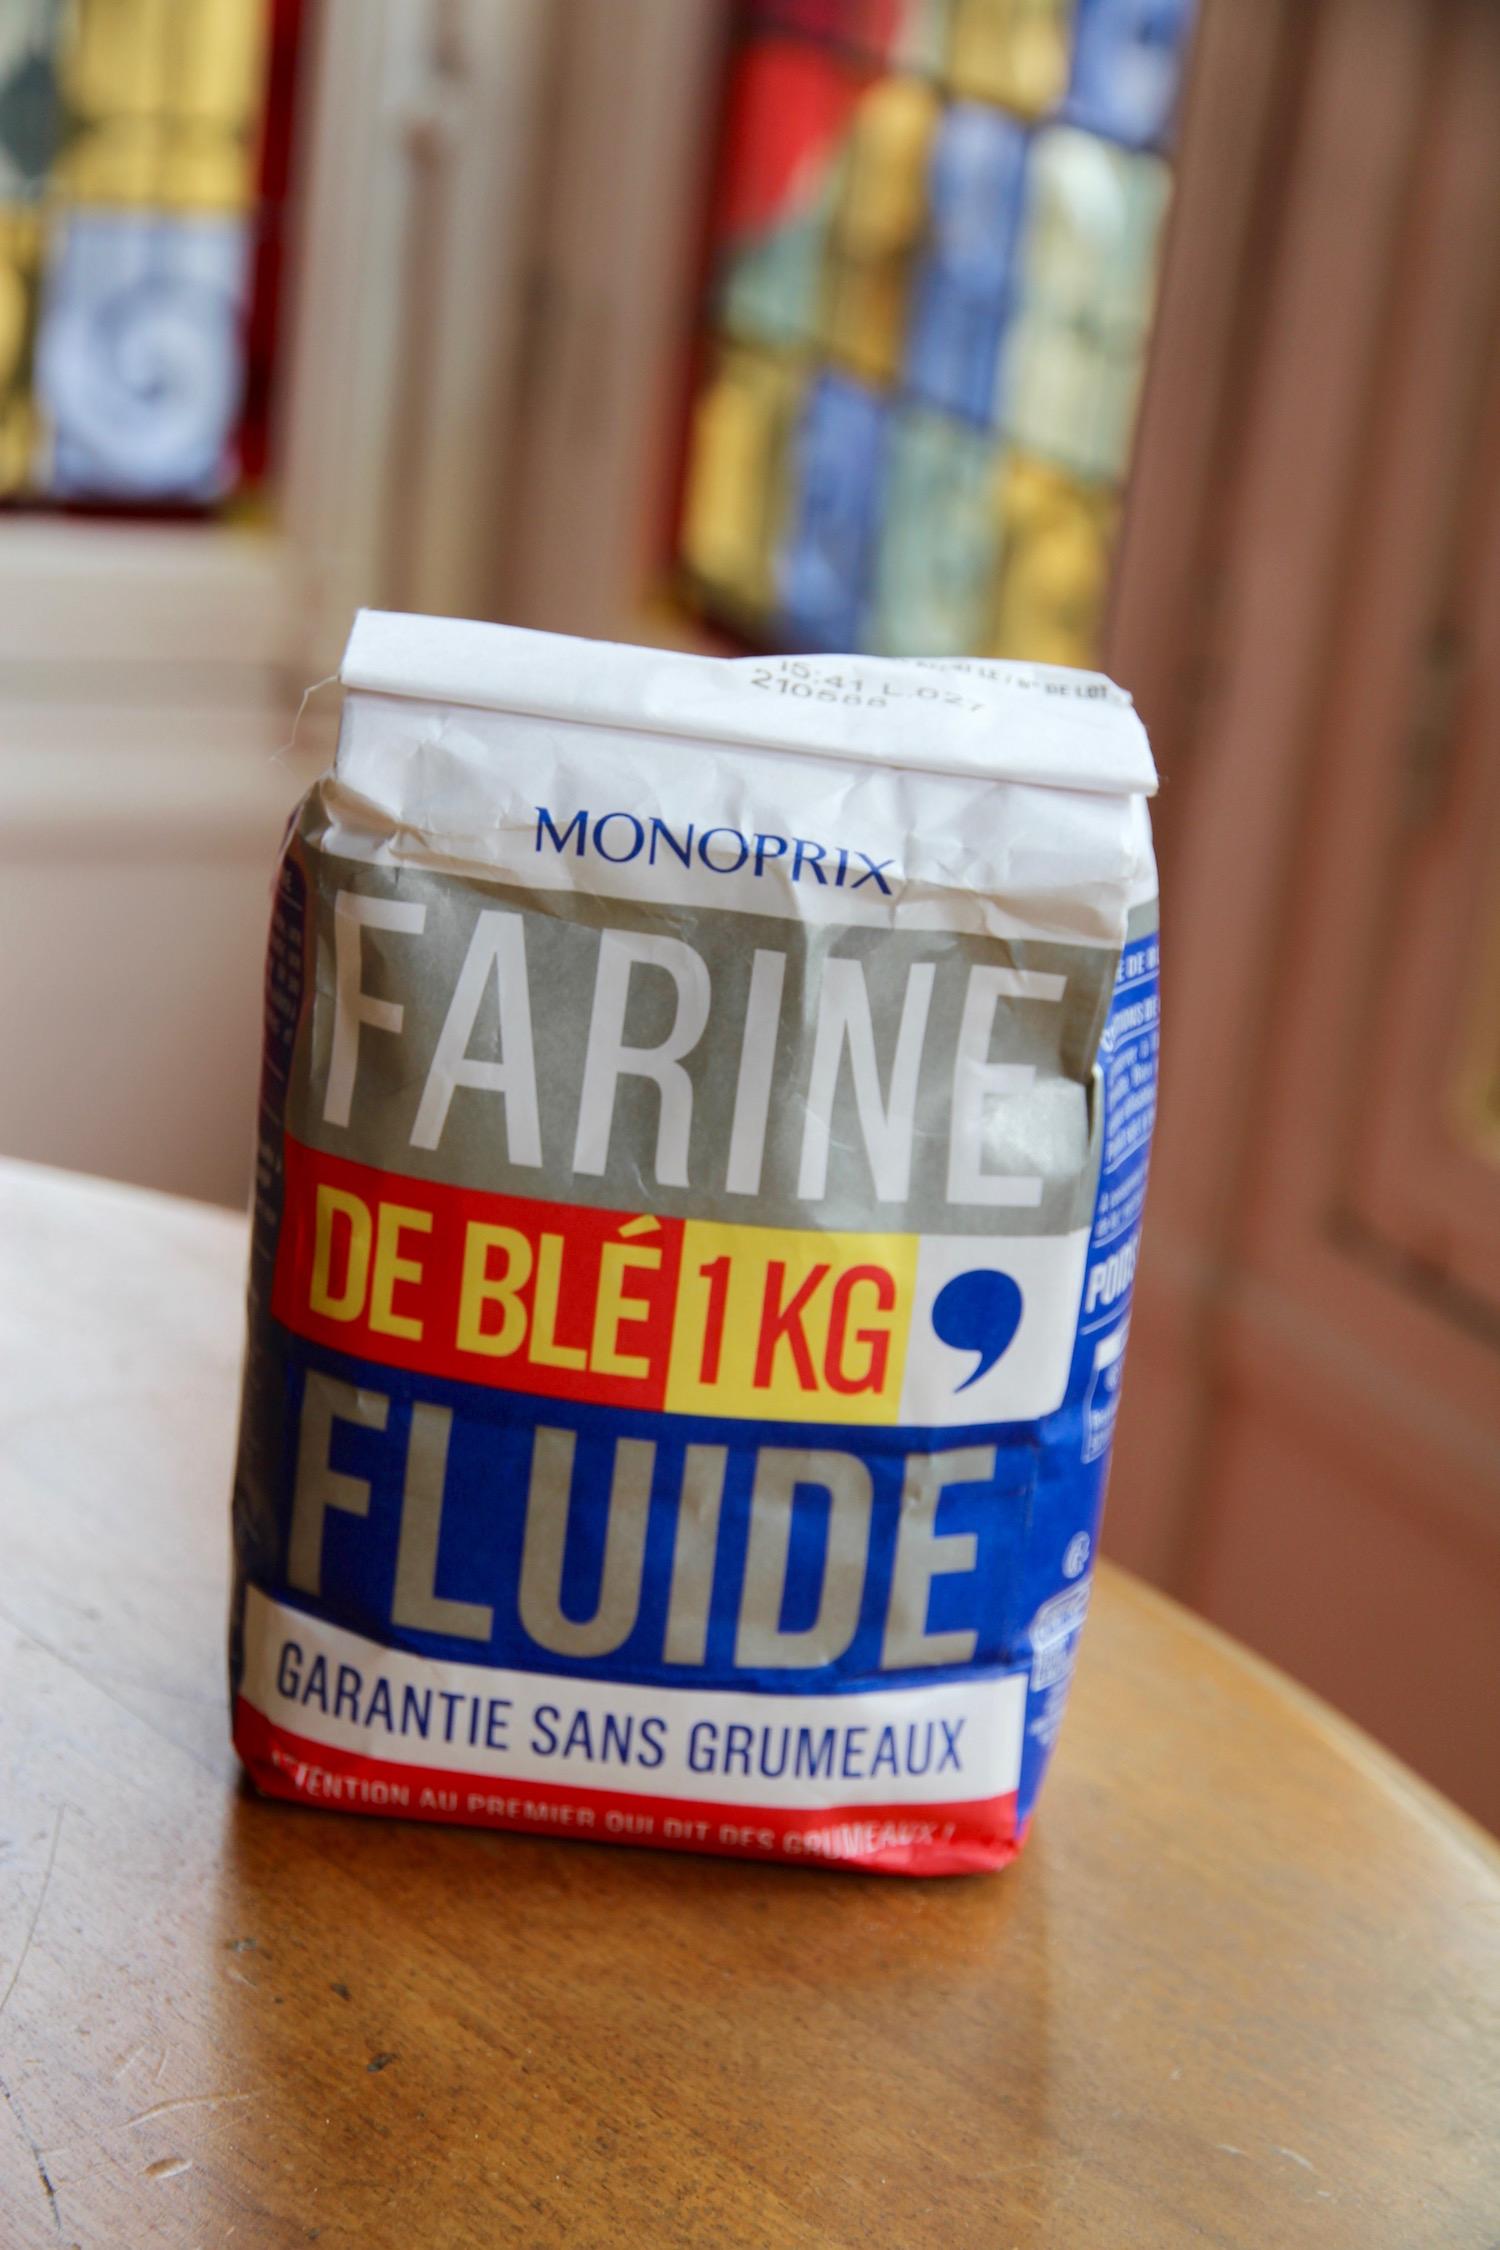 Flour - Farine